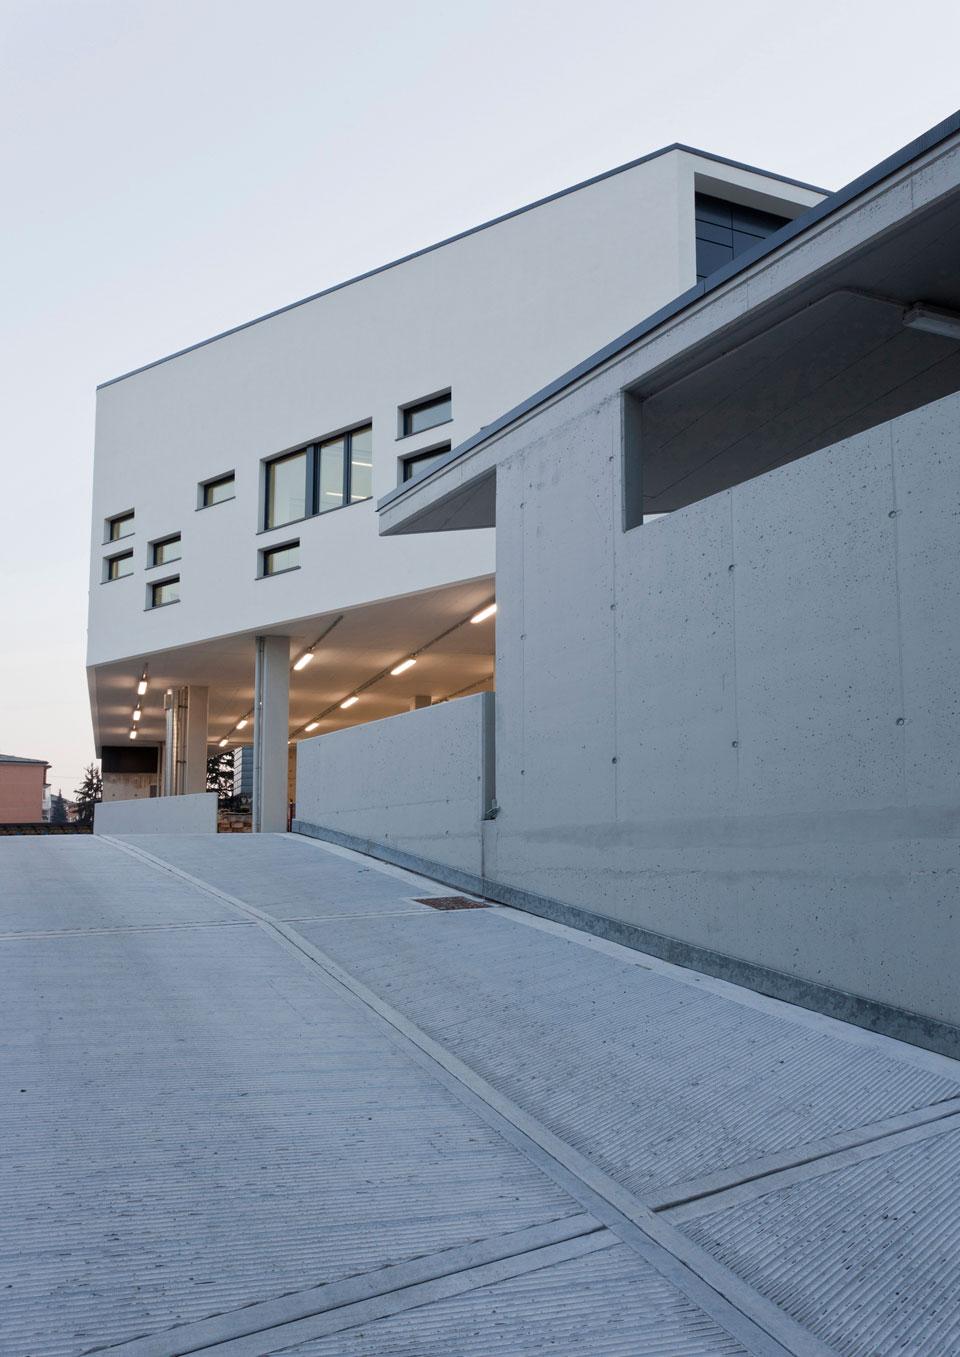 Inarsind_premio_architettura_2014_BREMBILLA+FORCELLA_Scuola_edile_bergamasca_3